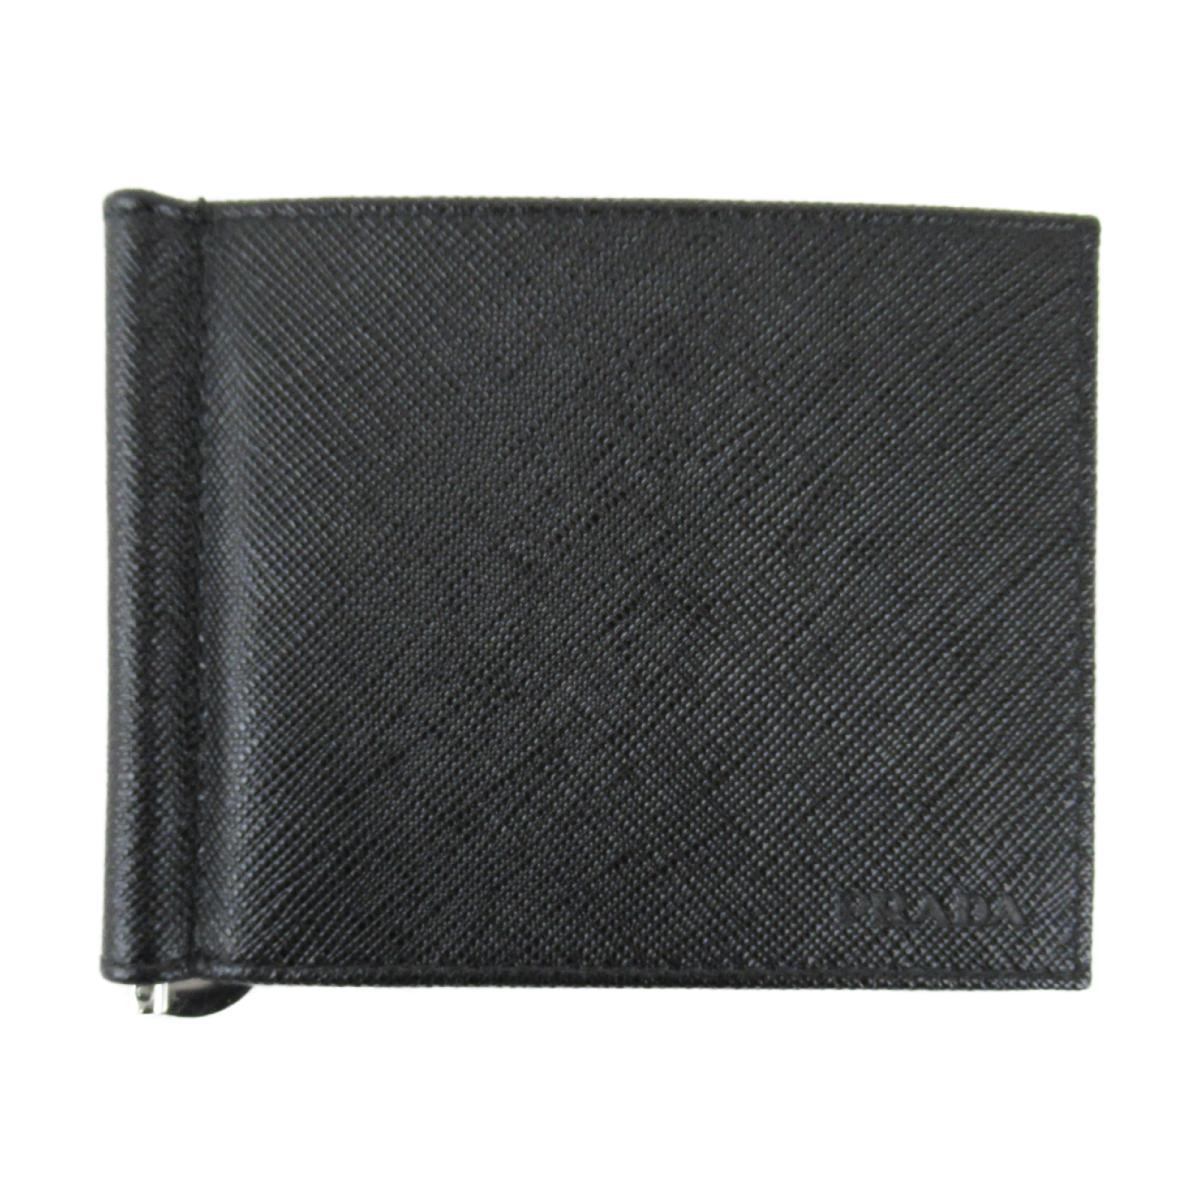 プラダ SLG サフィアーノ マネークリップ カード ケース 財布 メンズ レディース サフィアーノレザー ブラック (2MN077053F0002) | PRADA BRANDOFF ブランドオフ ブランド ブランド財布 レディース財布 サイフ